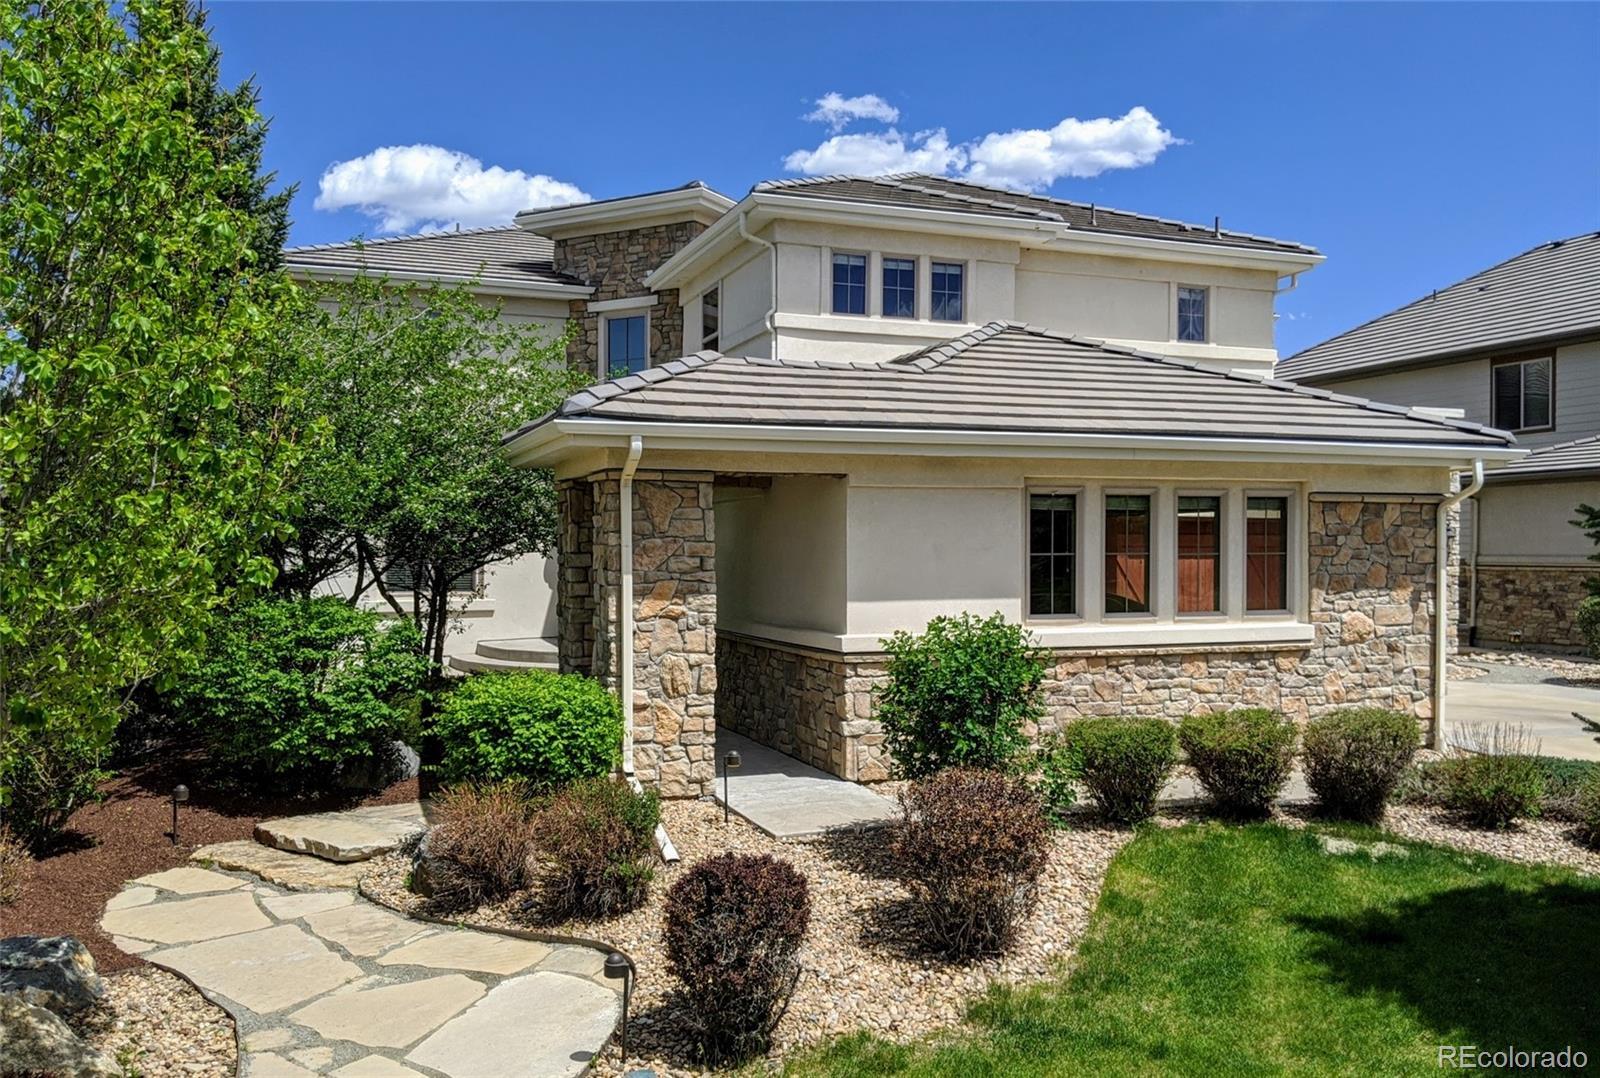 12504 Daniels Gate Drive, Castle Pines, CO 80108 - Castle Pines, CO real estate listing